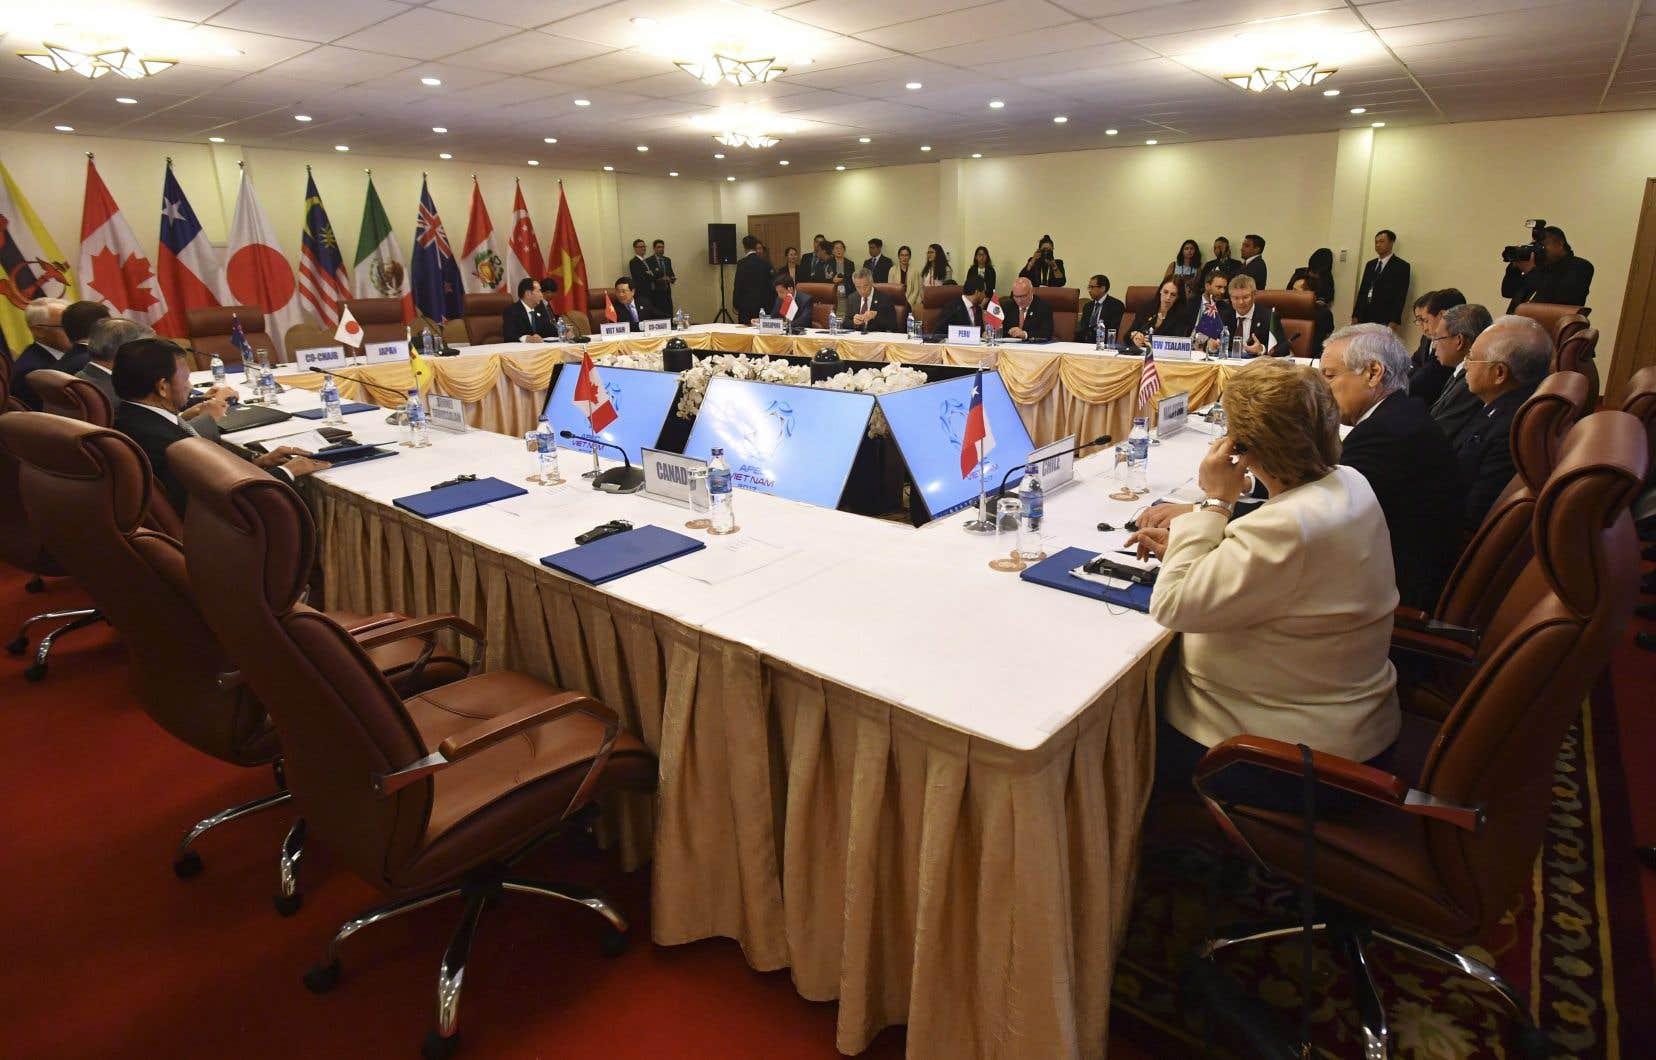 Un compromis avait été retardé, vendredi, par des désaccords de dernière minute qui avaient empêché les dirigeants du PTP de s'entendre sur un plan.